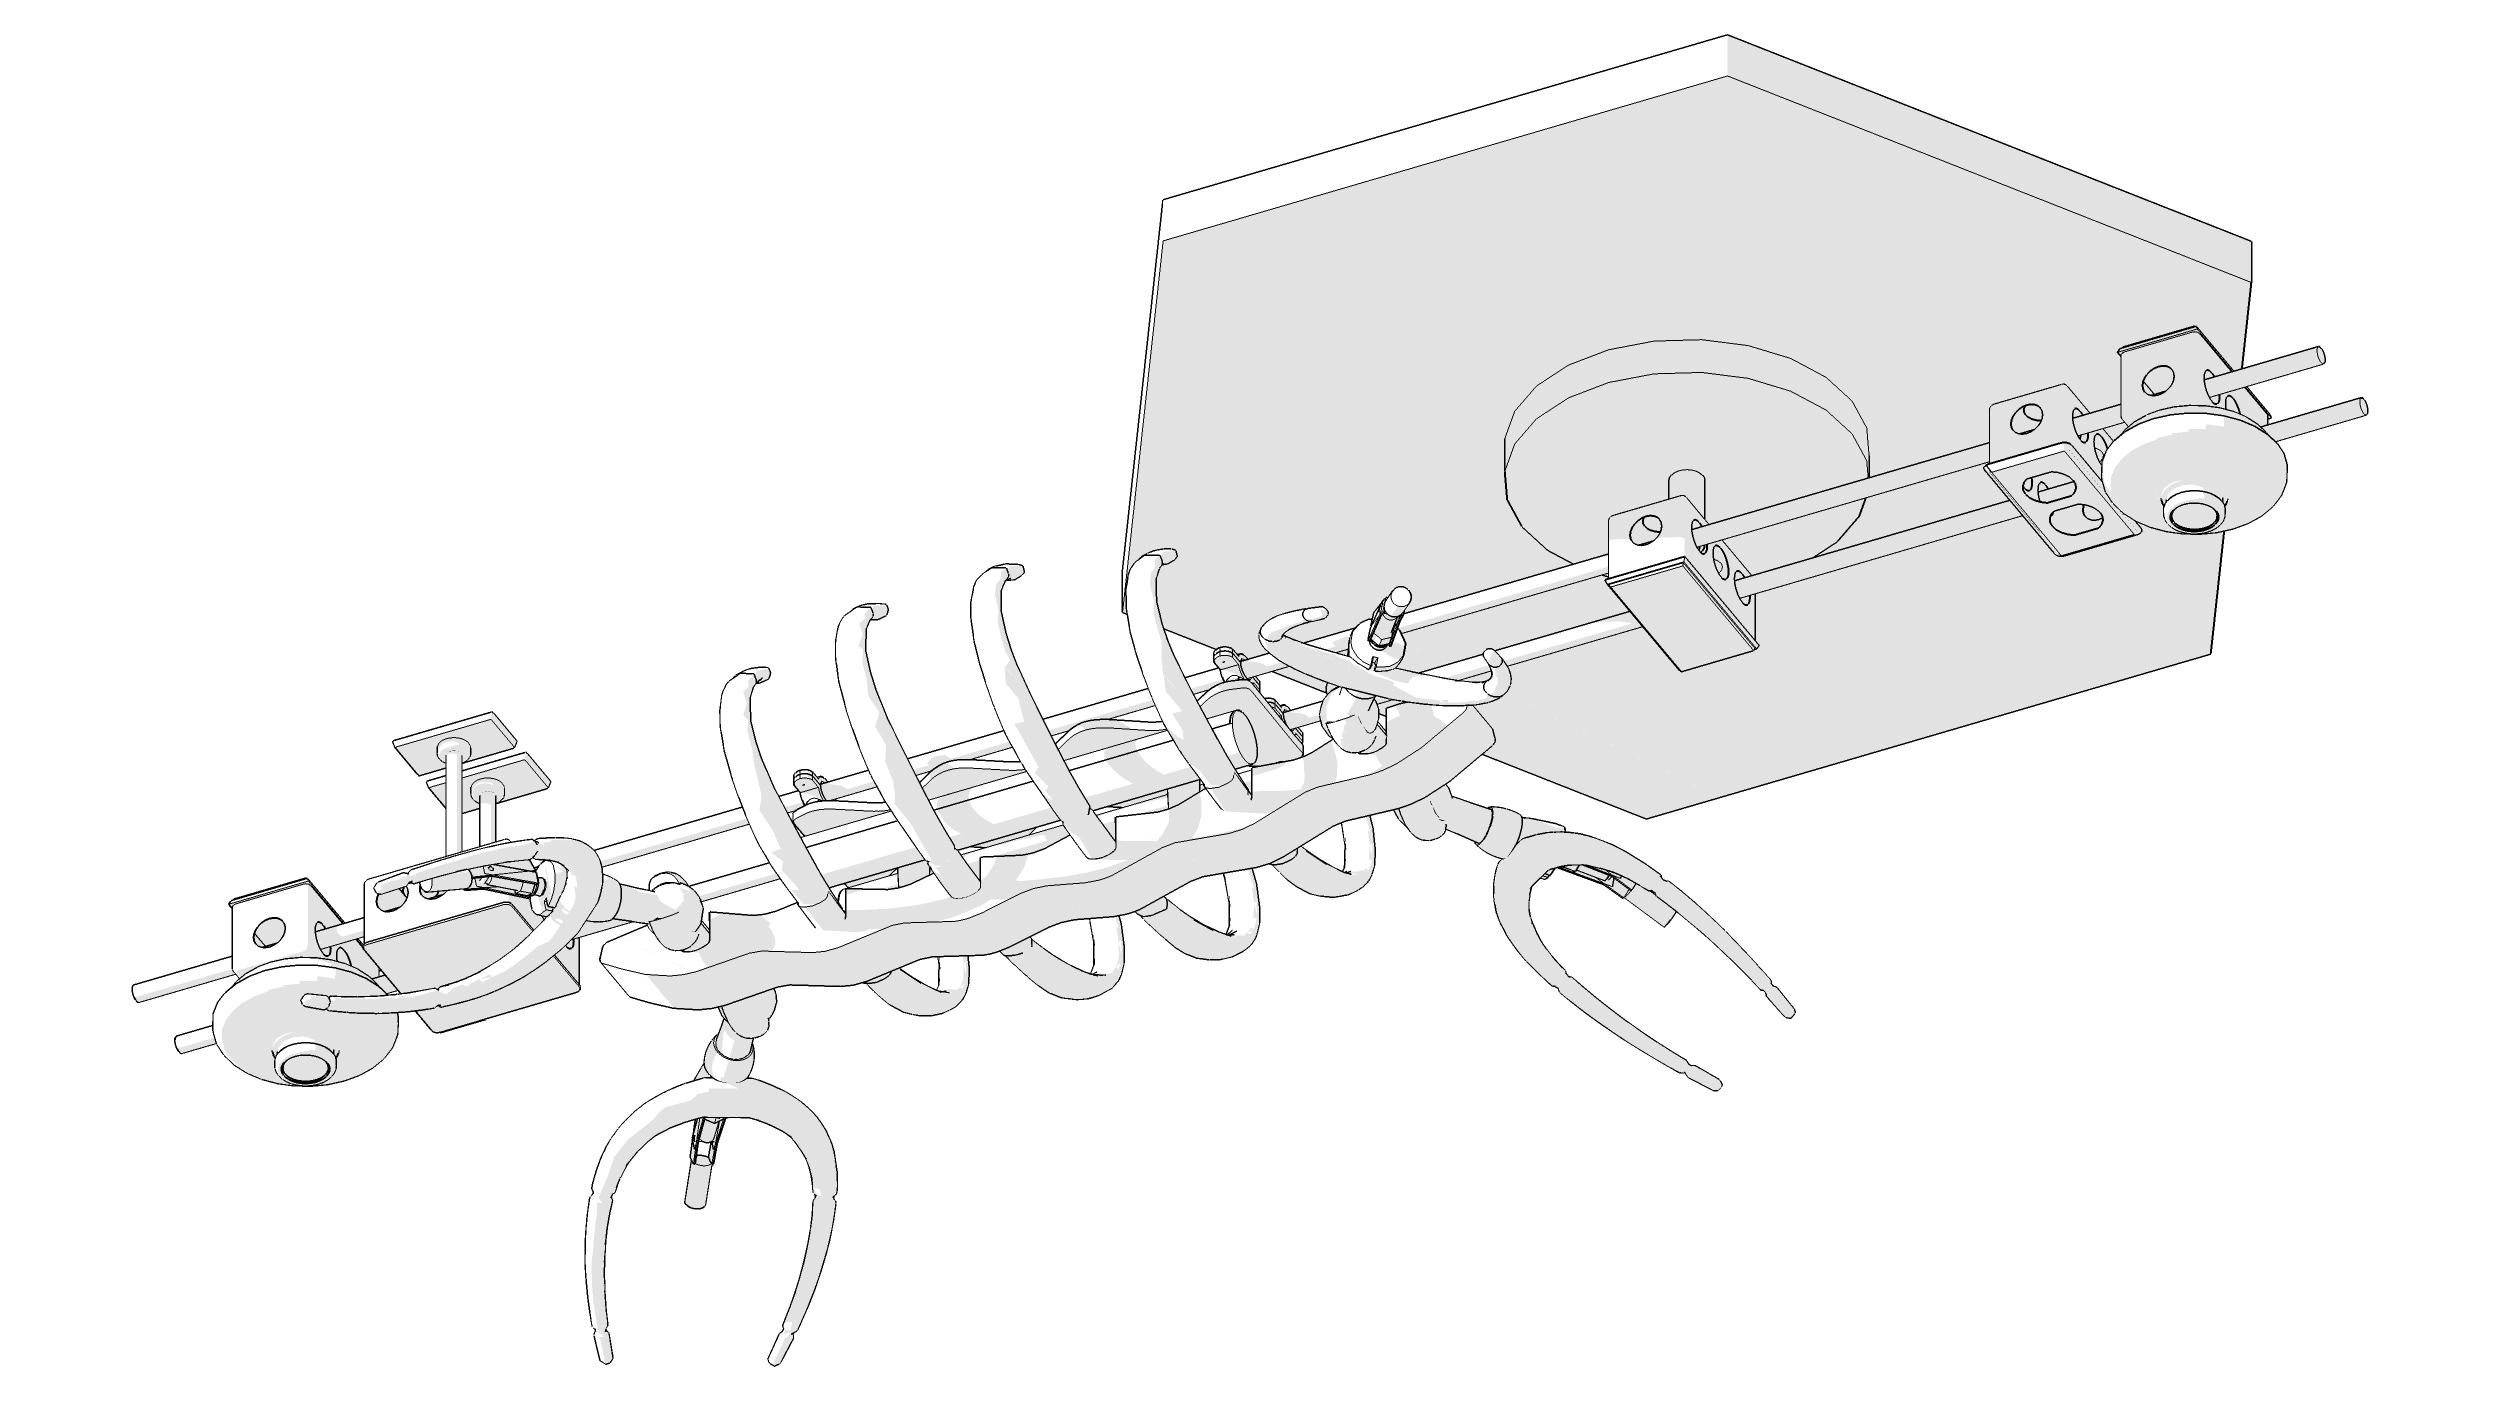 Plesiosaur, v5 concept (2011)